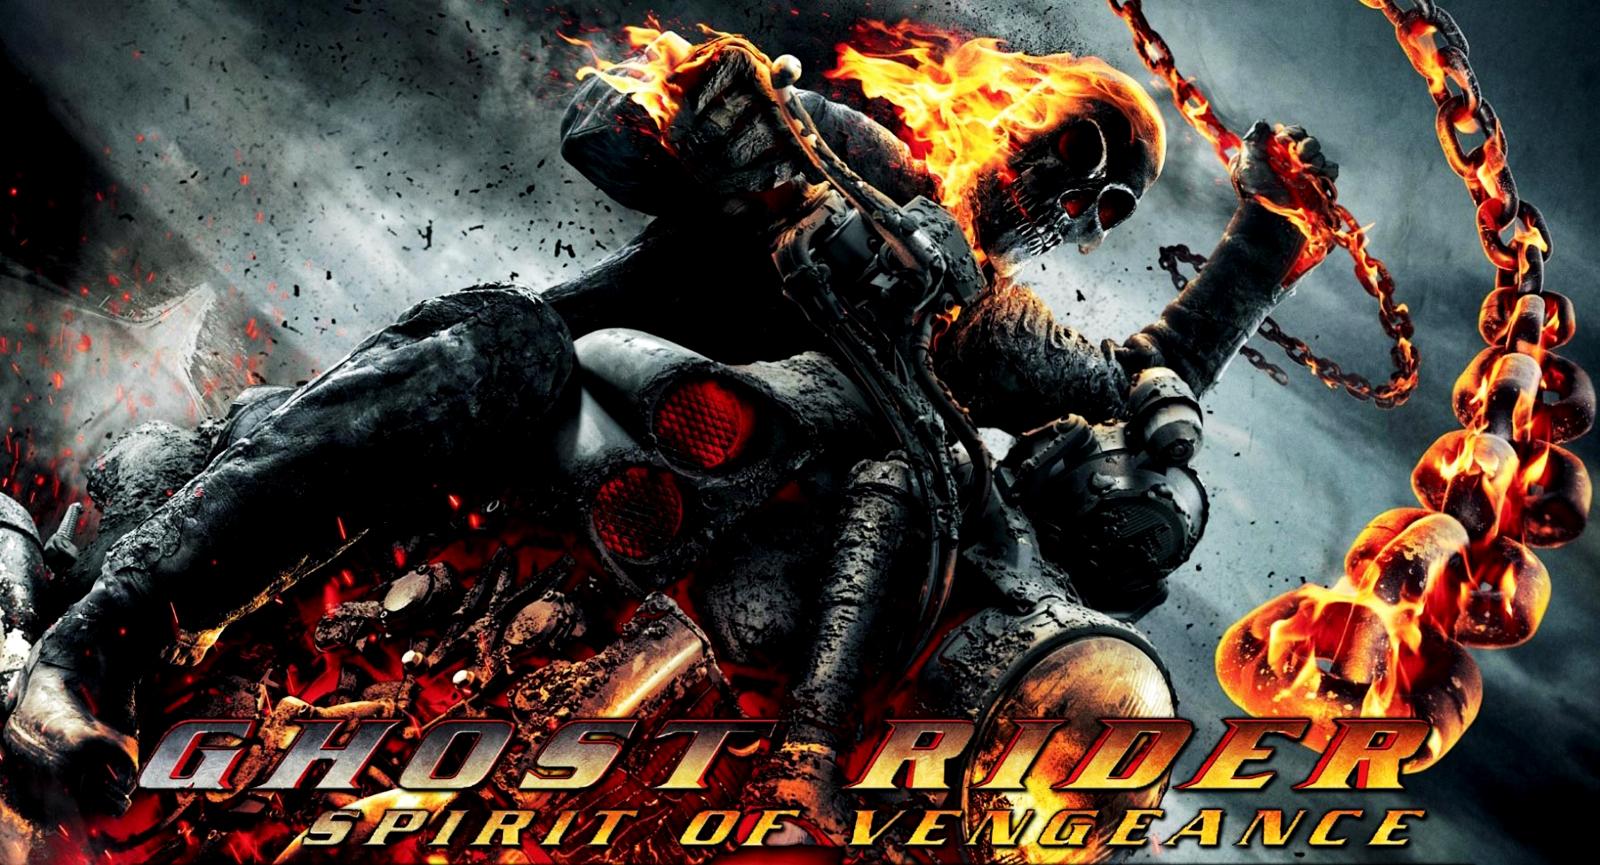 http://1.bp.blogspot.com/-KCPfaVLn2mw/T0AGZEtlS5I/AAAAAAAAAqg/OysmtPzMVvE/s1600/The_Ghost_Rider_Spirit_Of_Vengeance_Flaming_Skull_Poster-Vvallpaper.Net.jpg